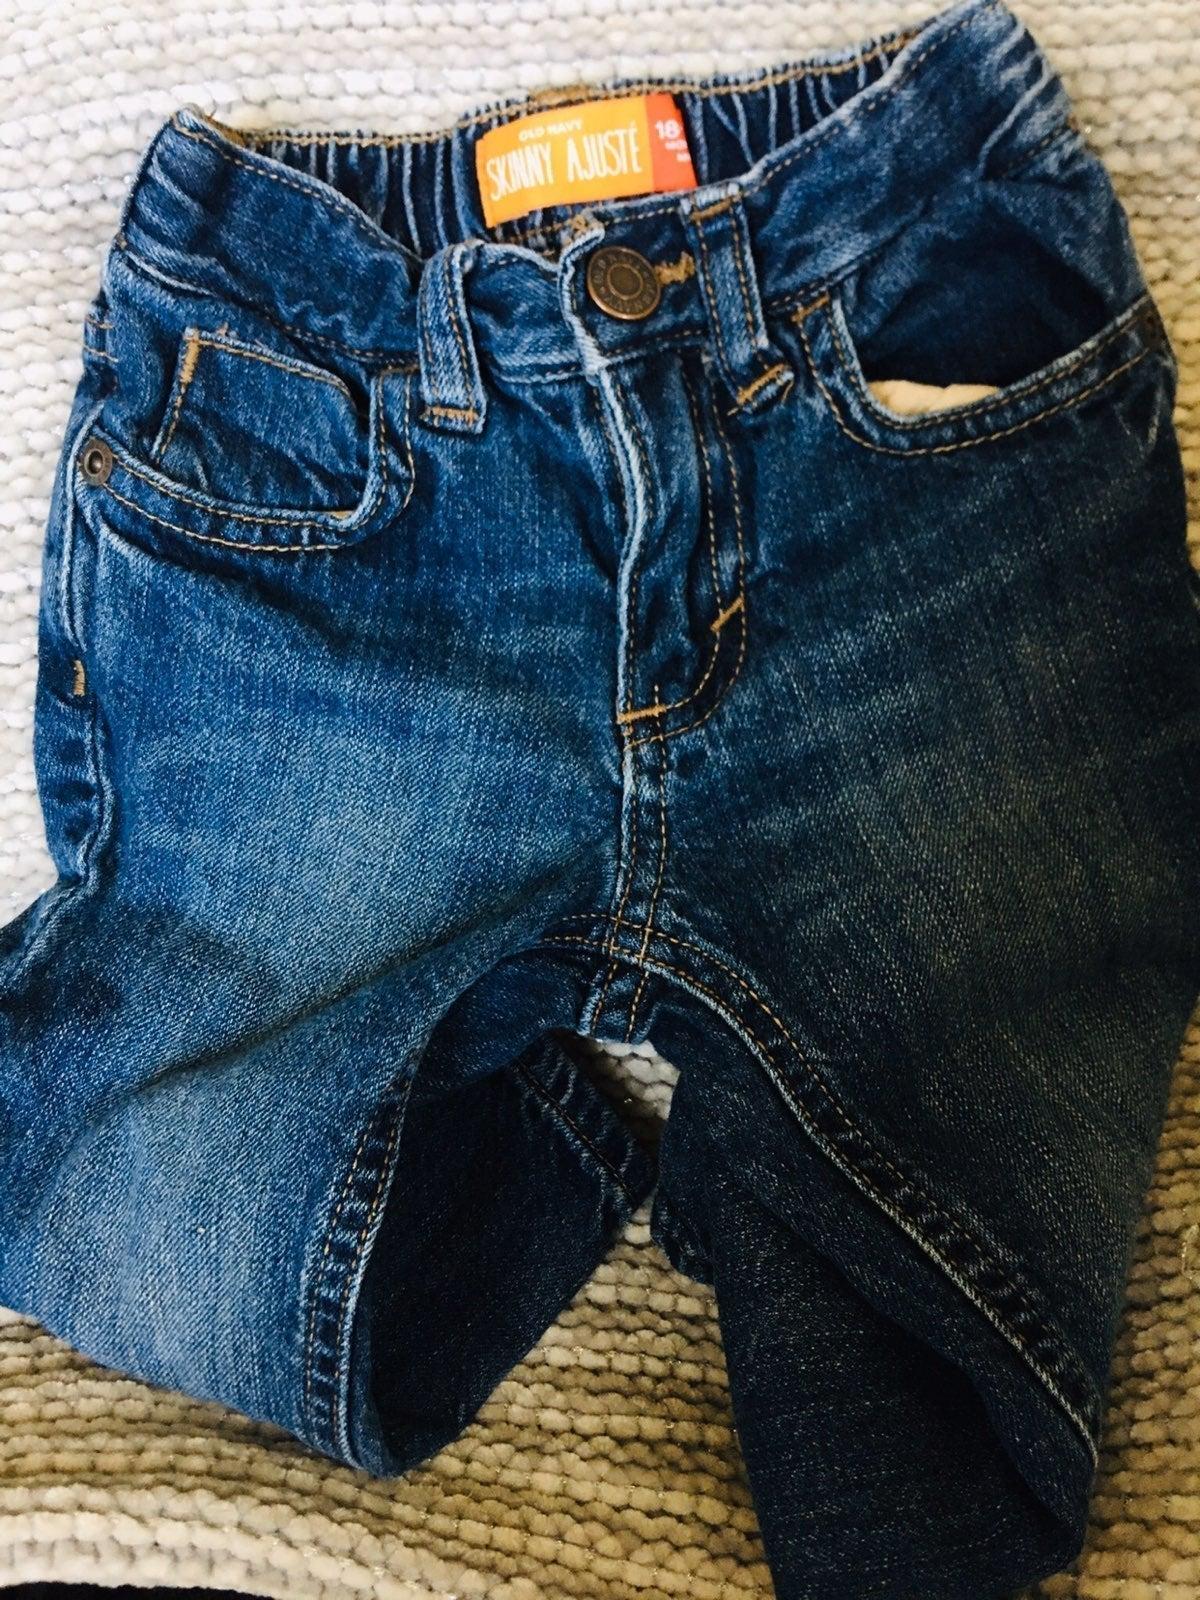 Toddler boy jeans, onesie & jacket